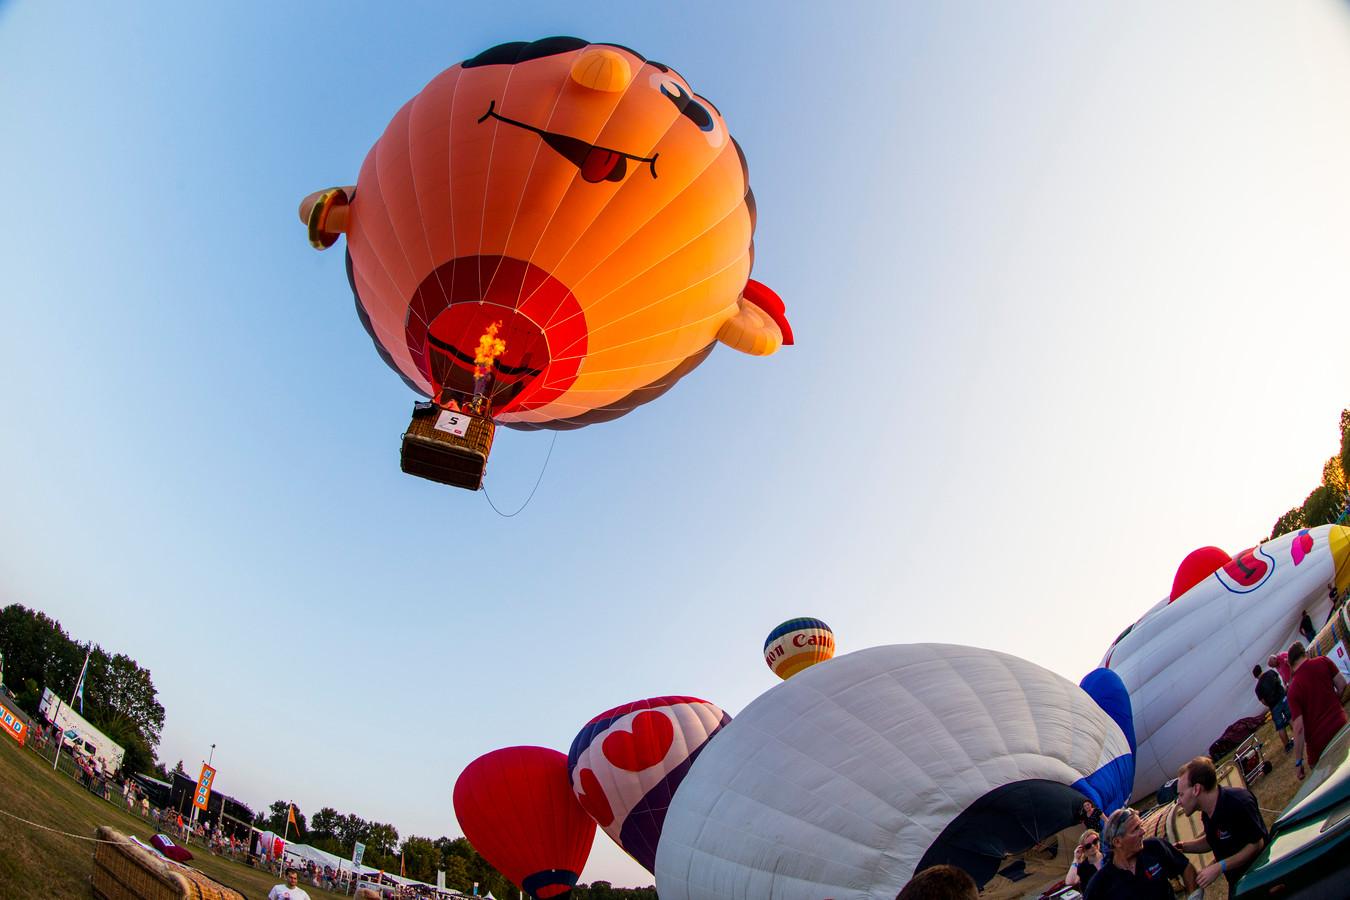 Een heteluchtballon stijgt op tijdens de 33e editie van de Ballonfeesten.